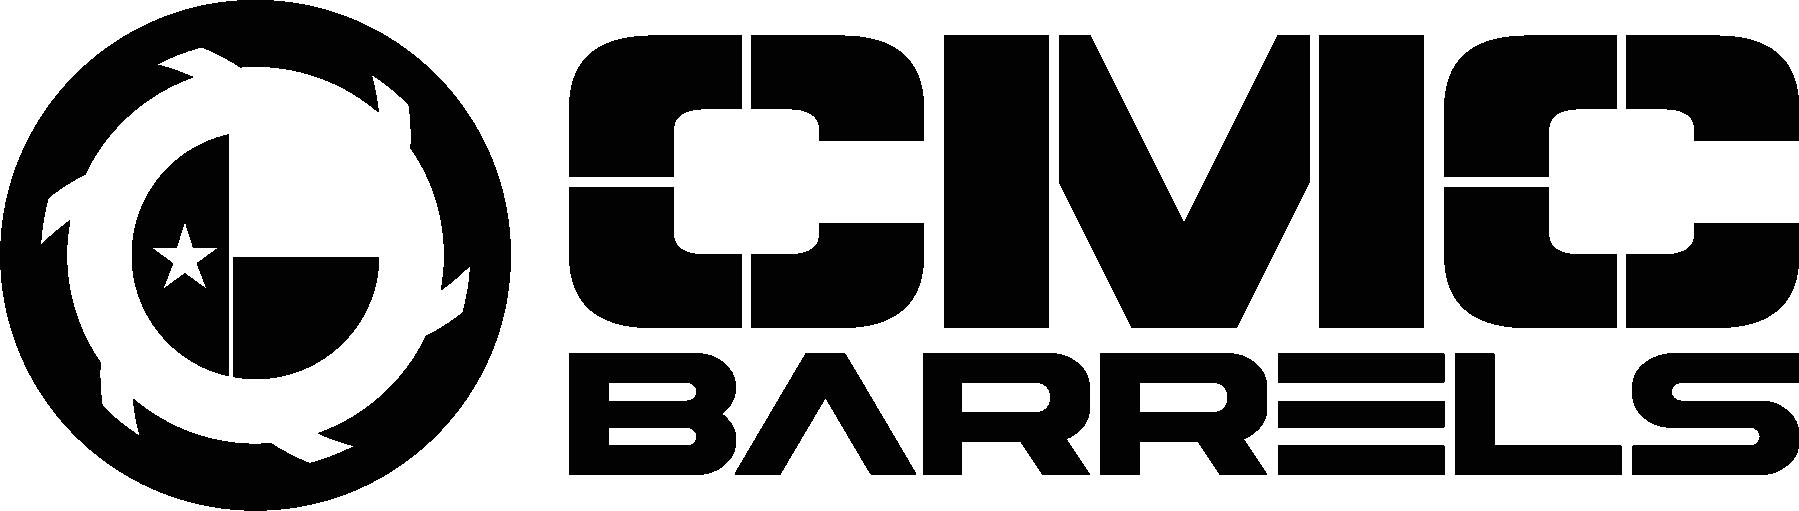 Premier Firearms Manufacturer seeking new pistol barrel logo